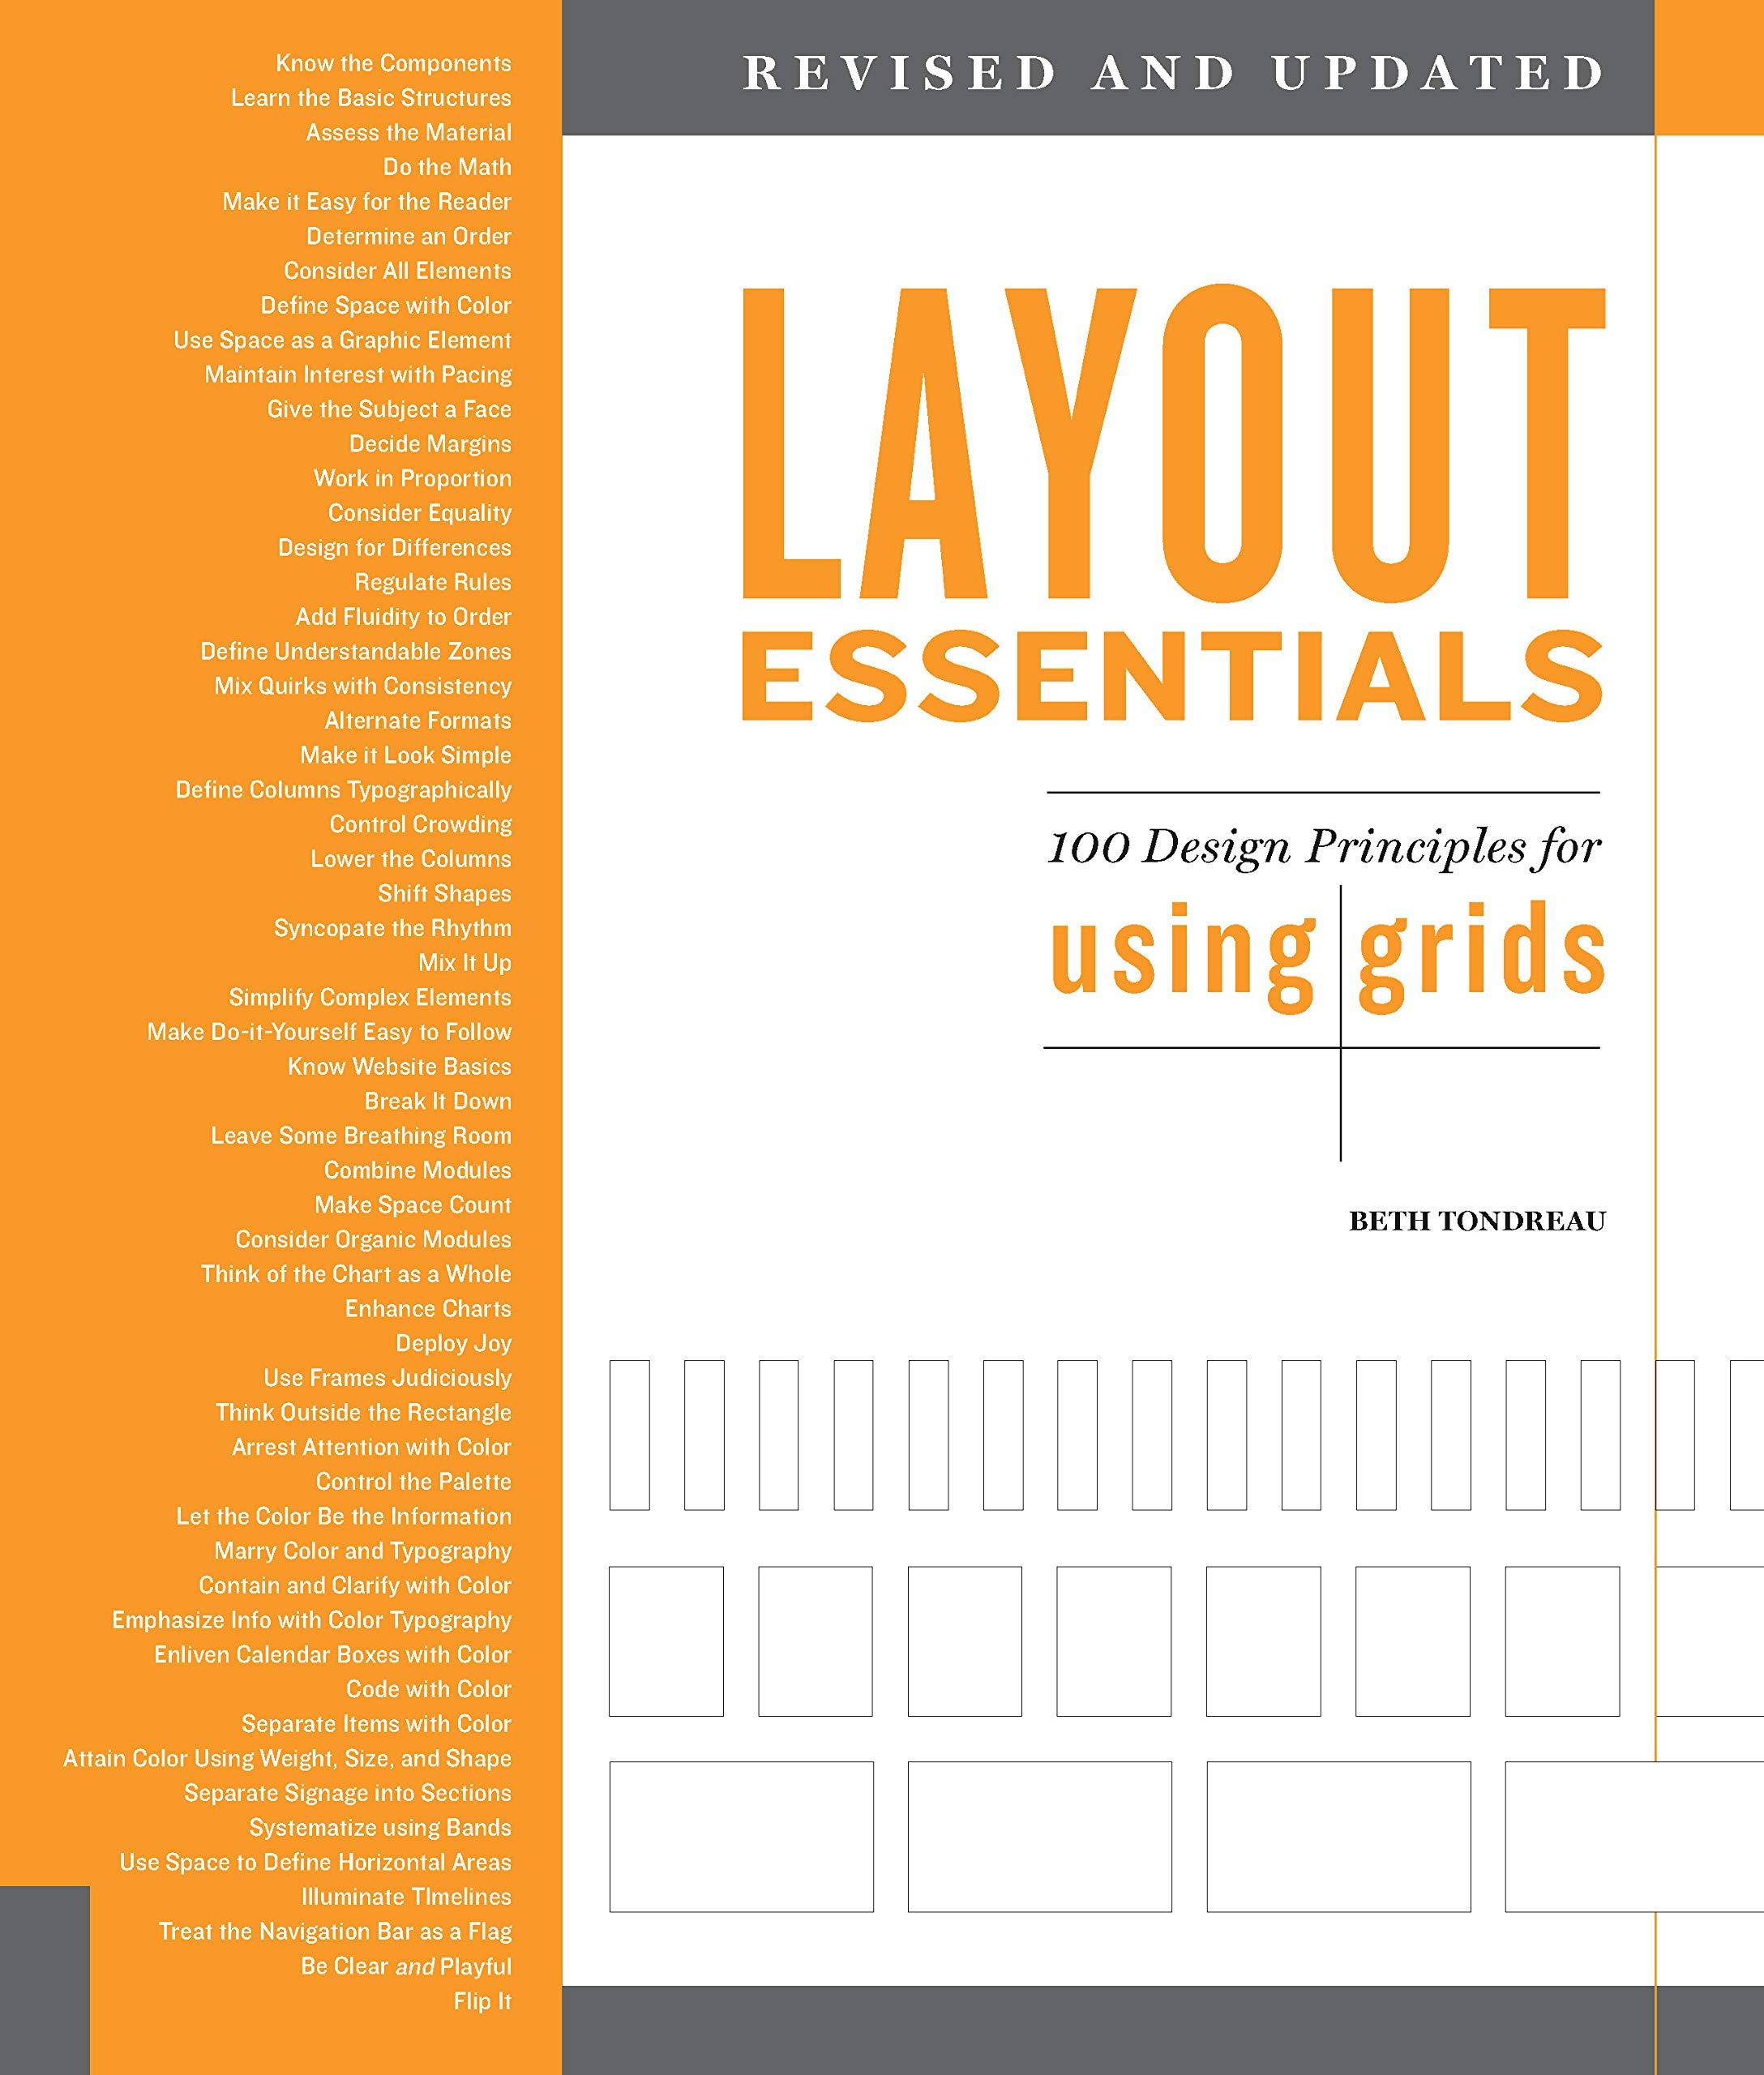 layout-essentials.jpg